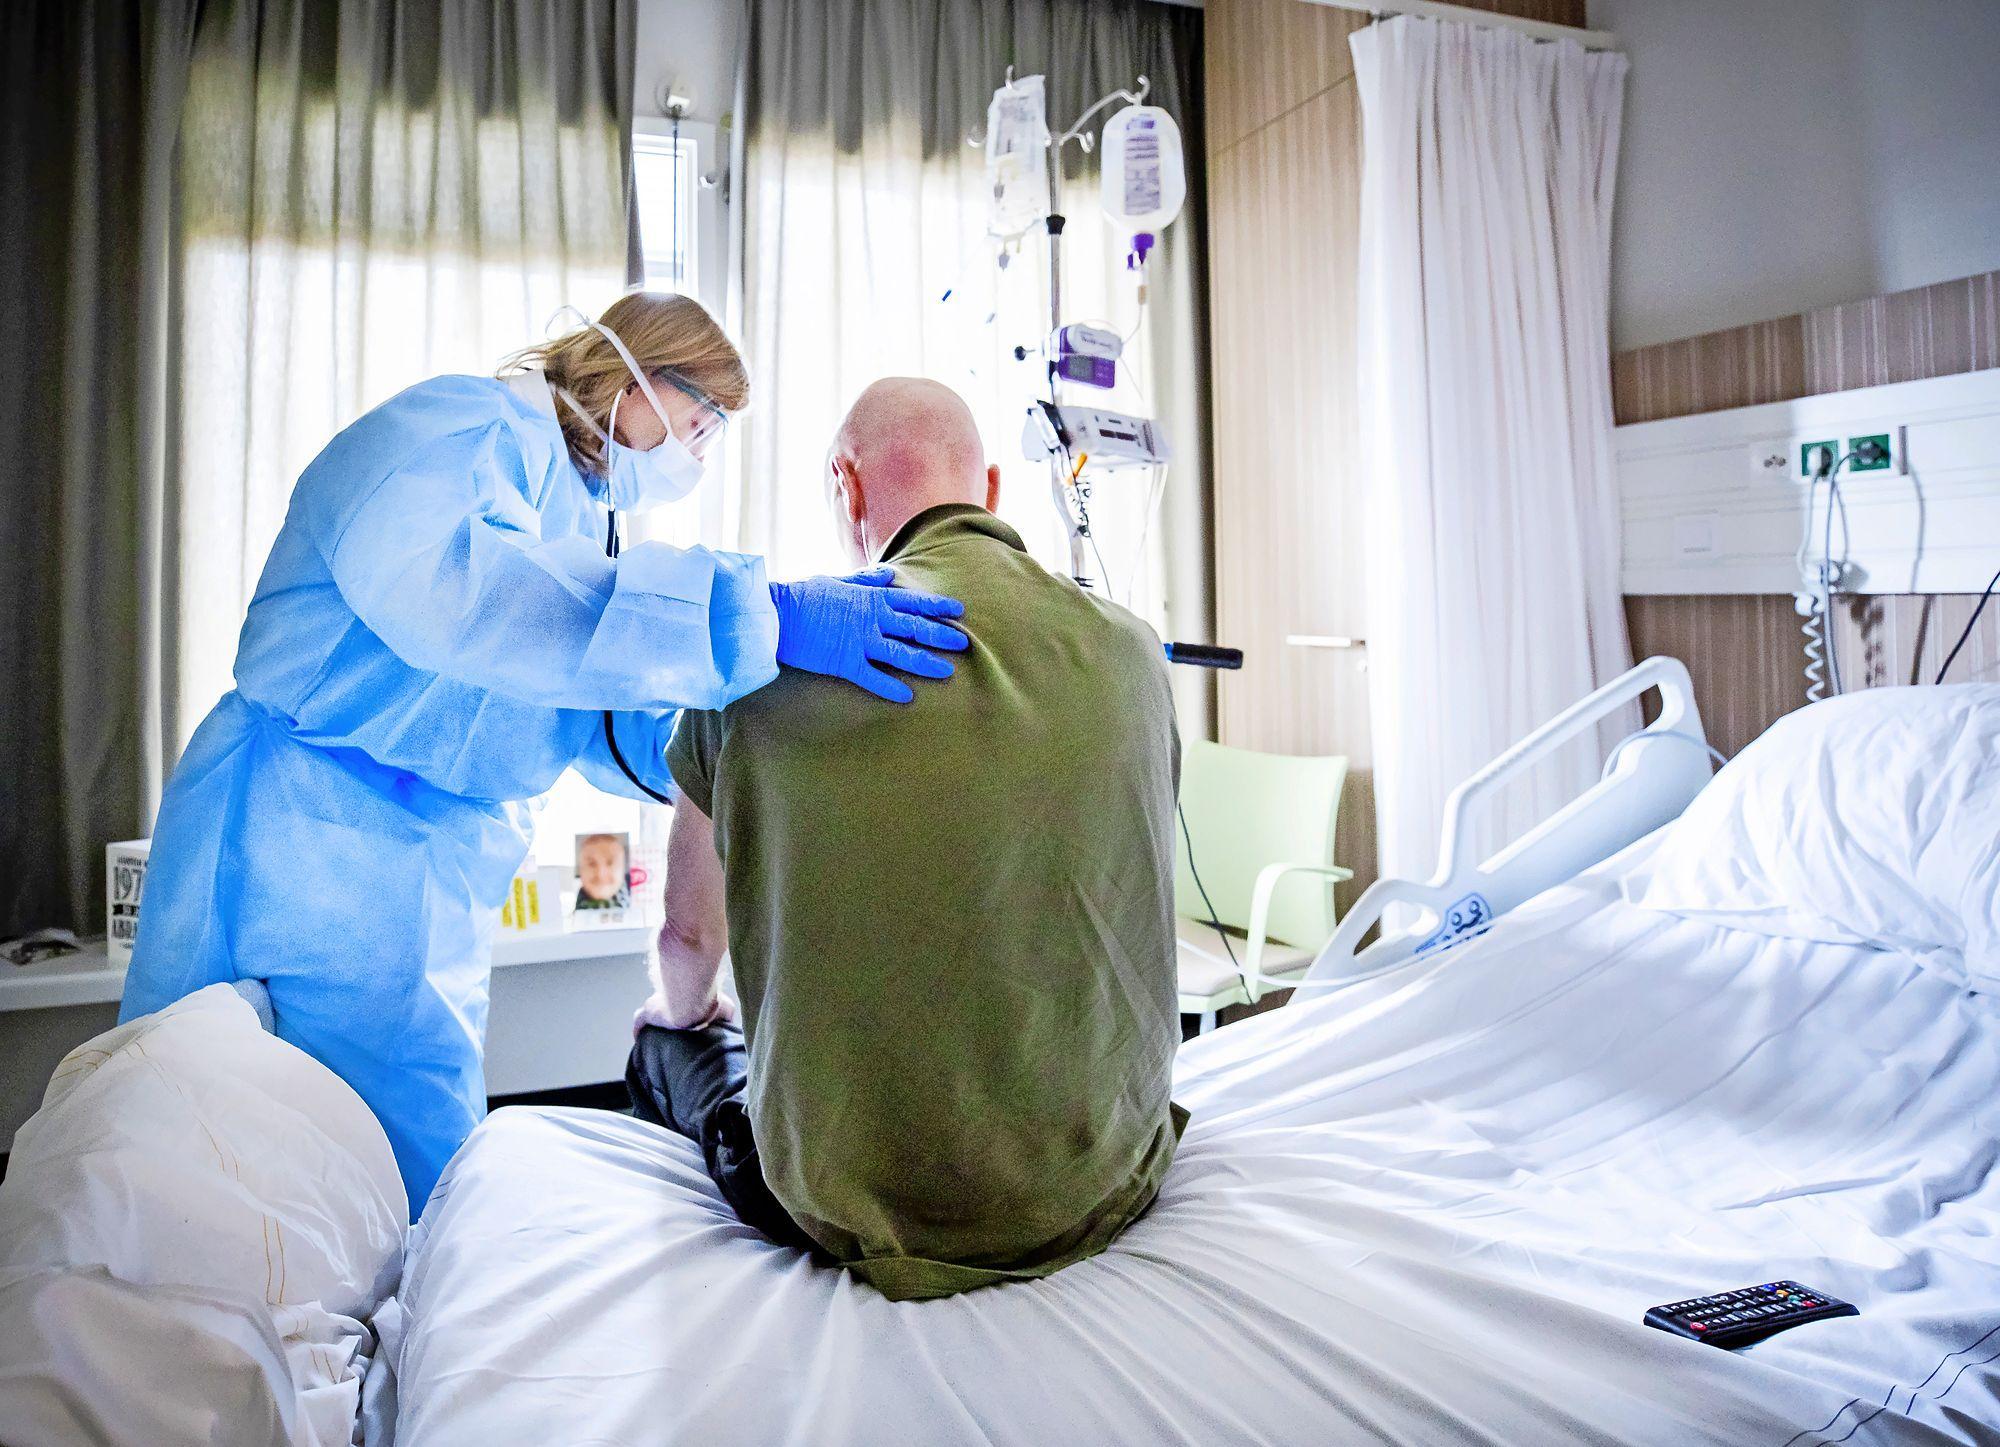 Aantal nieuwe coronabesmettingen in West-Friesland weer wat naar beneden. Wel drie personen opgenomen in het ziekenhuis